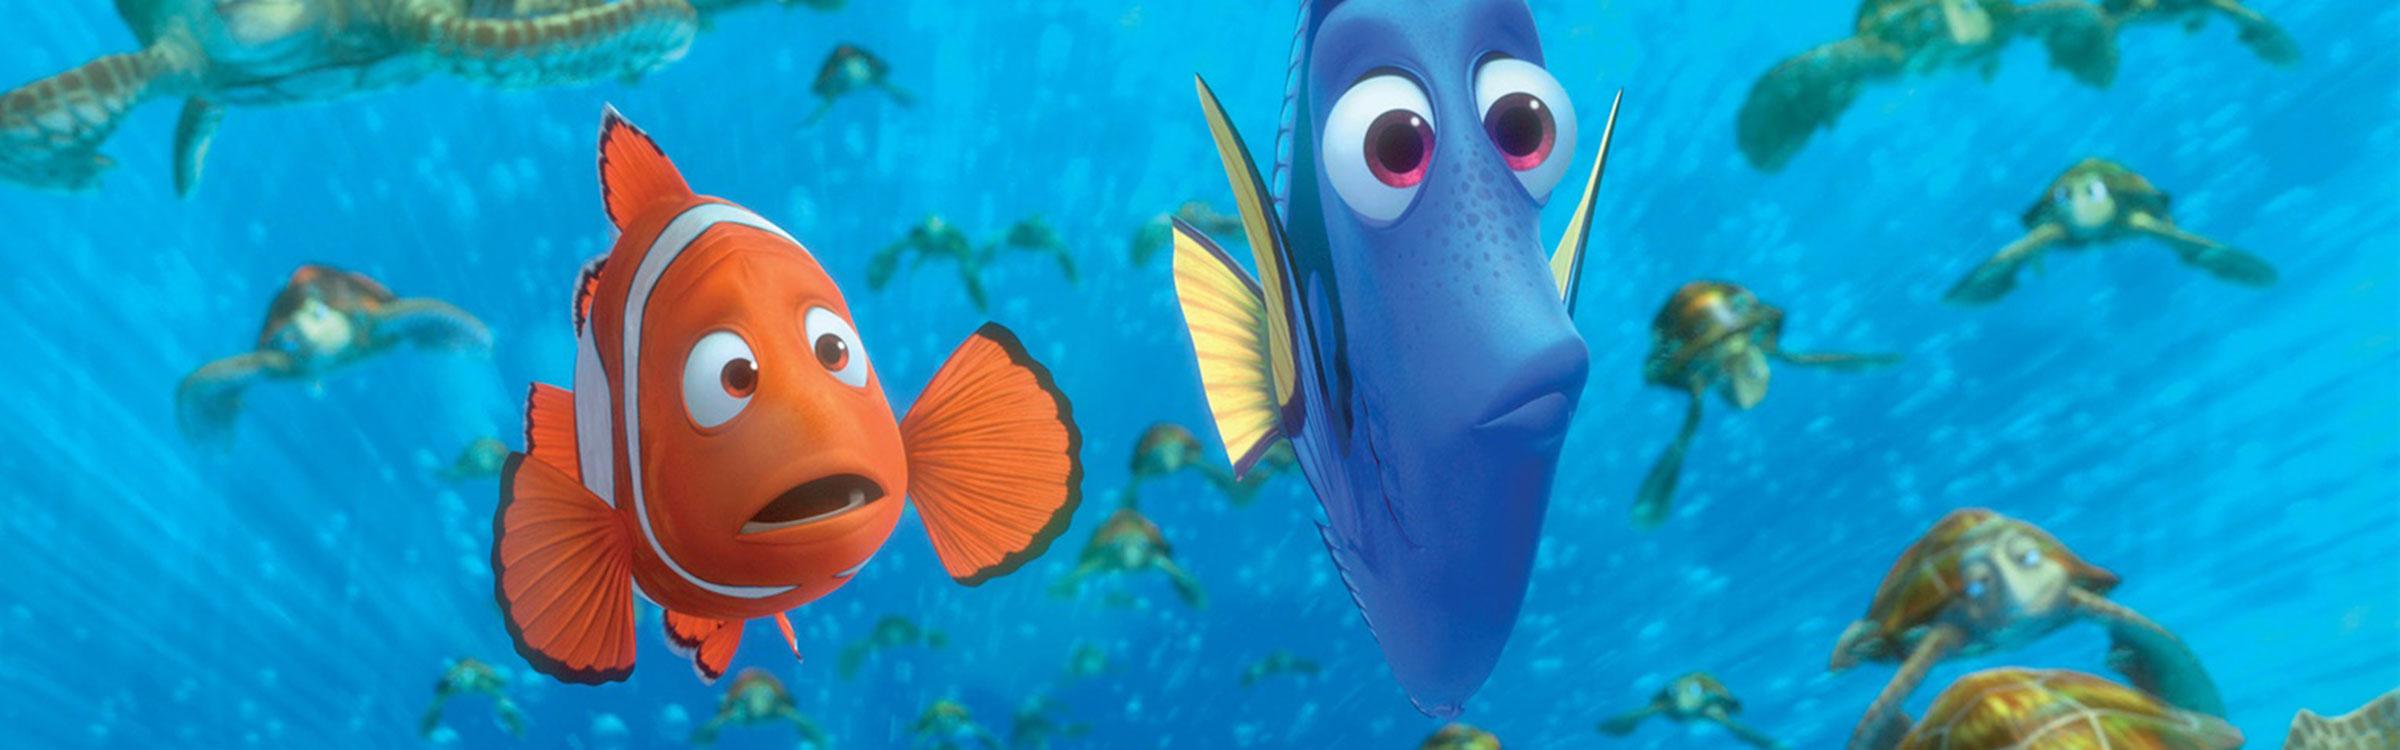 Nemo algemeen